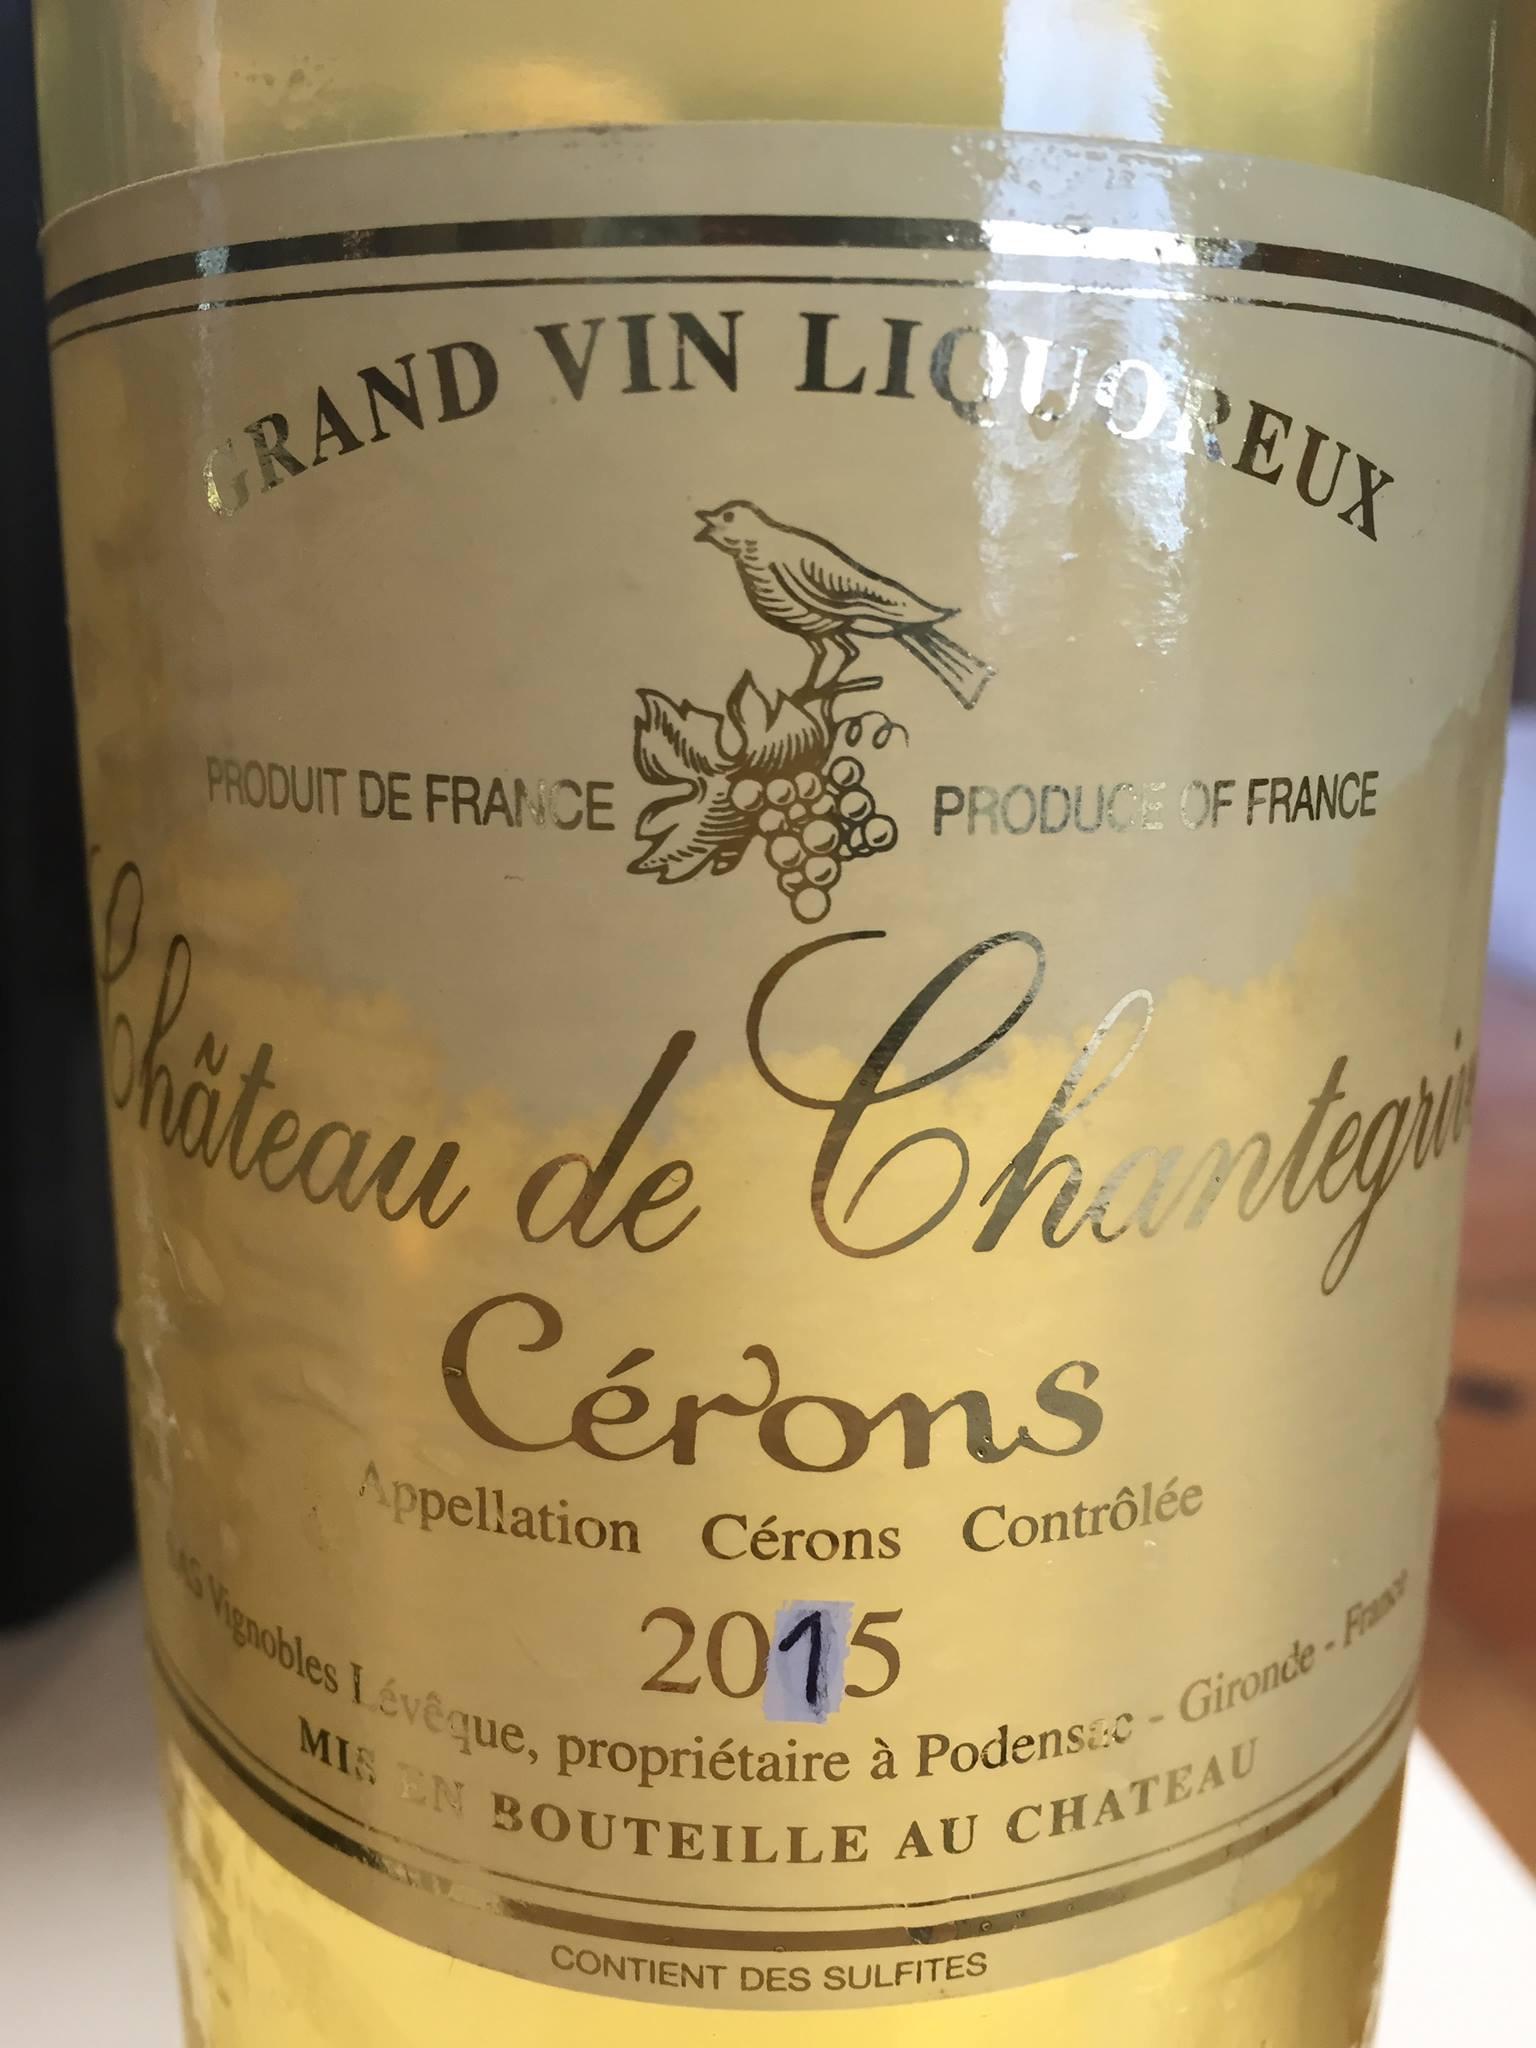 Château Chantegrive 2015 – Cerons